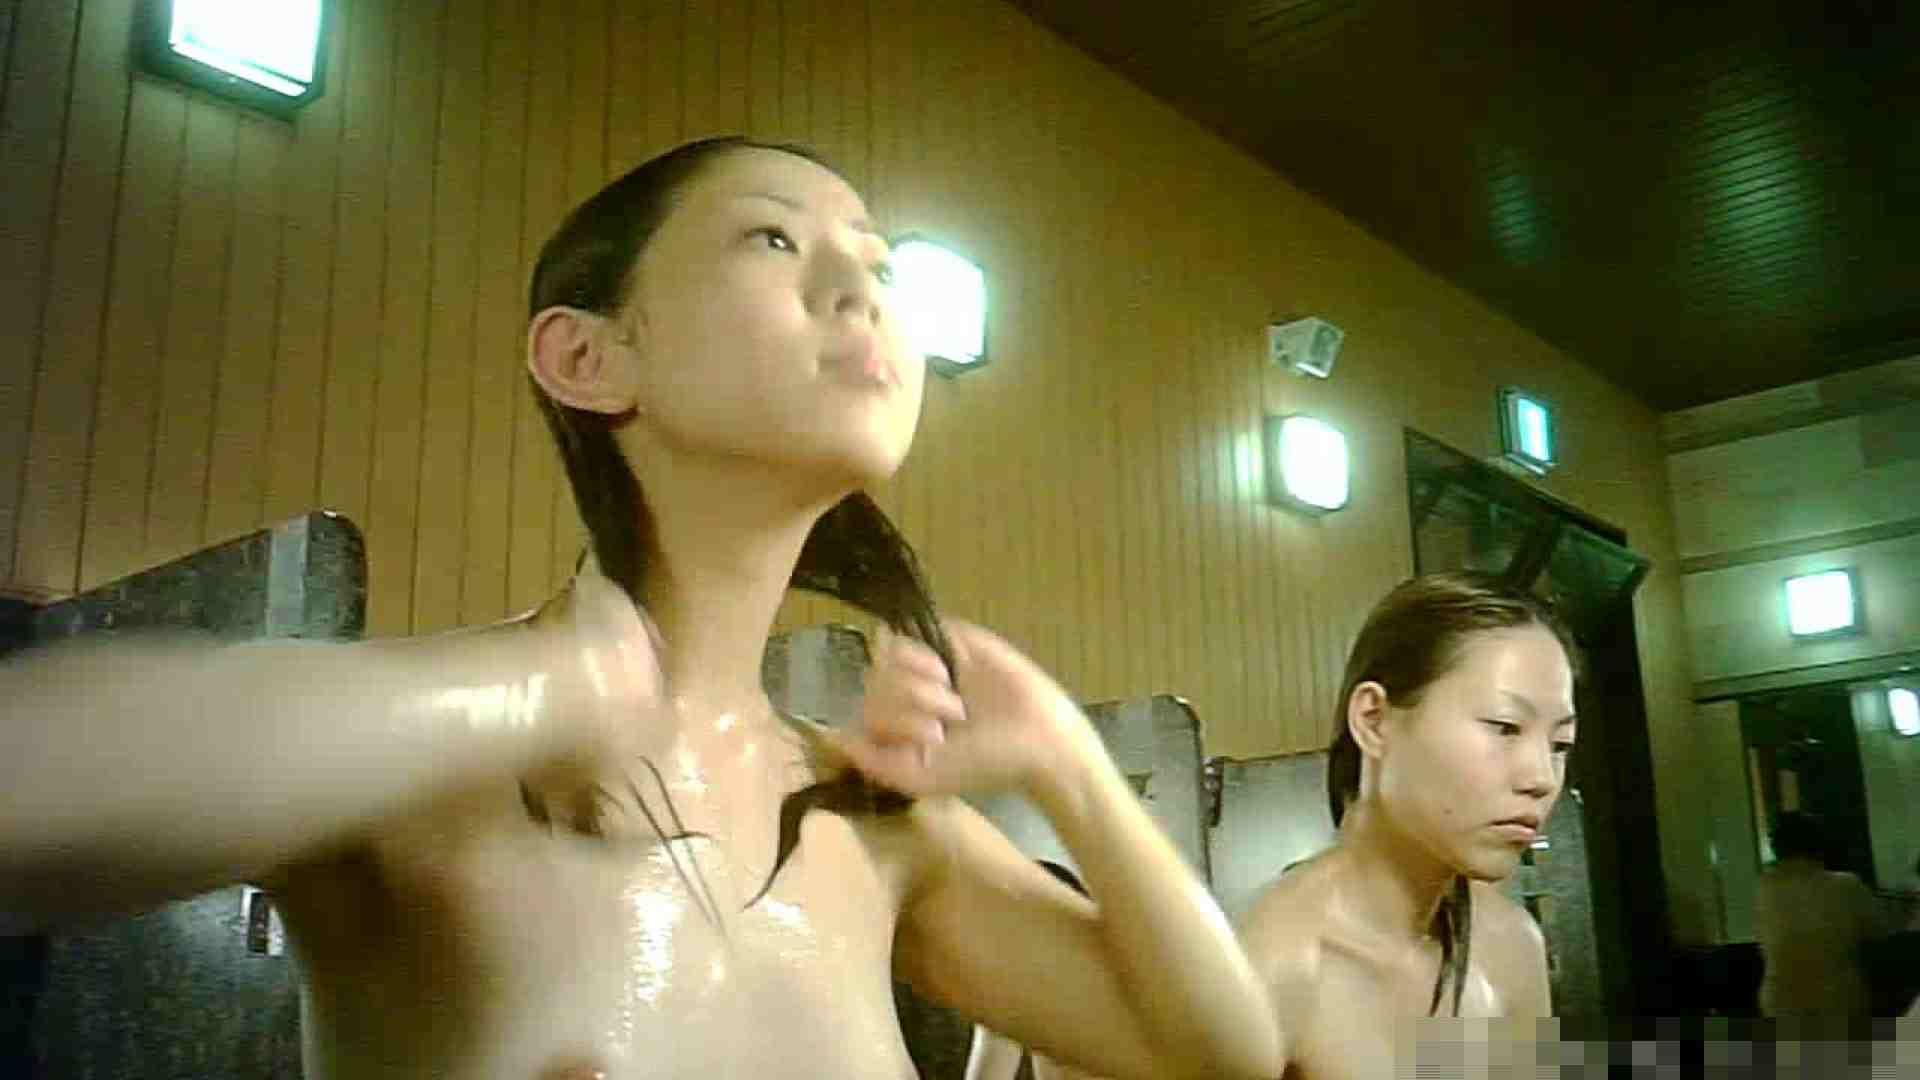 Vol.51 追い撮り!下着も顔もセクシー!洗い合いっこはナイスです。 OLの実態  105pic 80